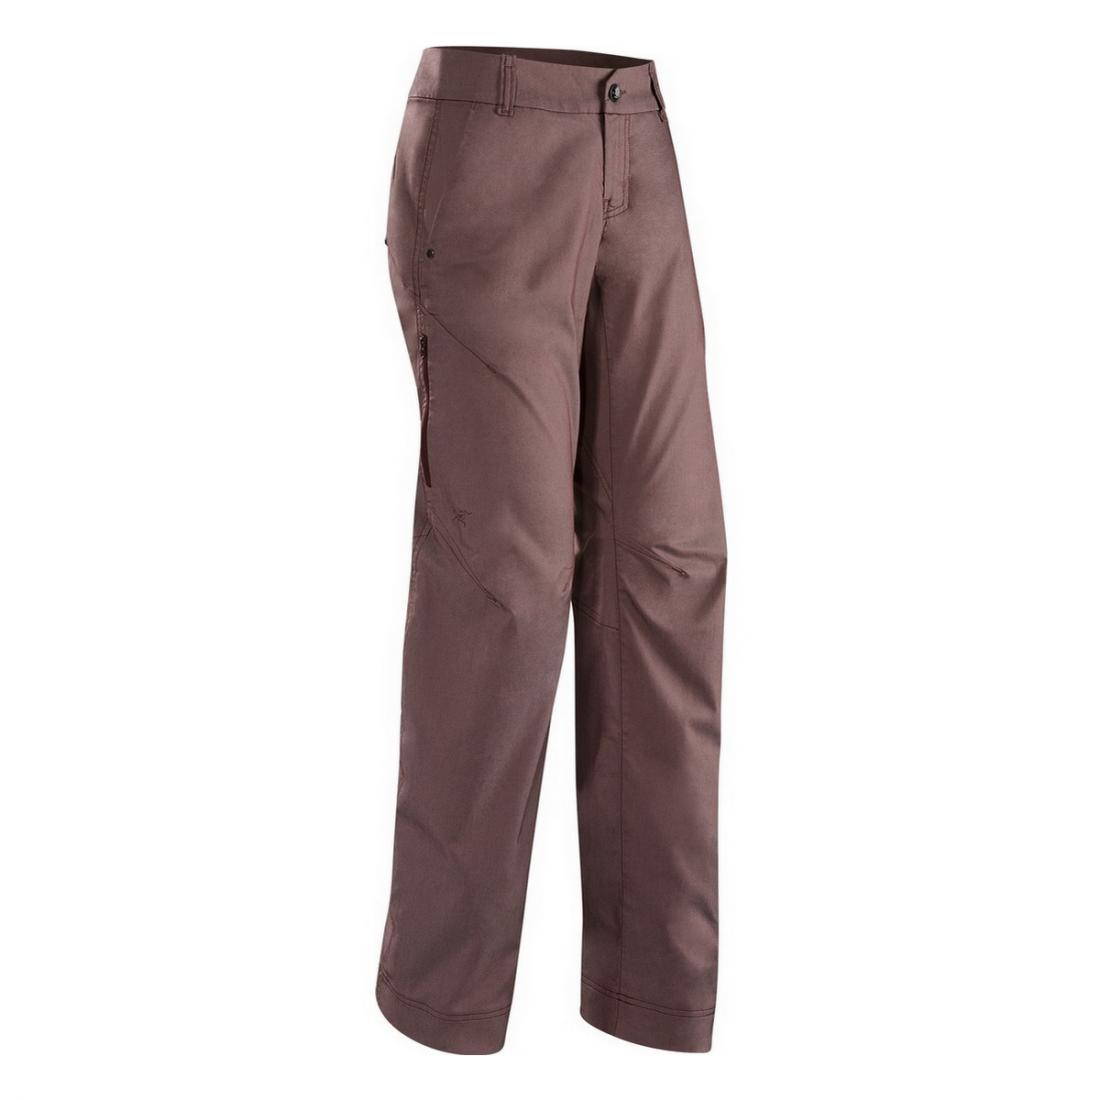 Брюки A2B Commuter Pant жен.Брюки, штаны<br><br><br><br> Женские брюки Arcteryx A2B Commuter Pant Womens – идеальный вариант для велосипедисток, а также они подходят для путешествий и повседневной нос...<br><br>Цвет: Коричневый<br>Размер: 6